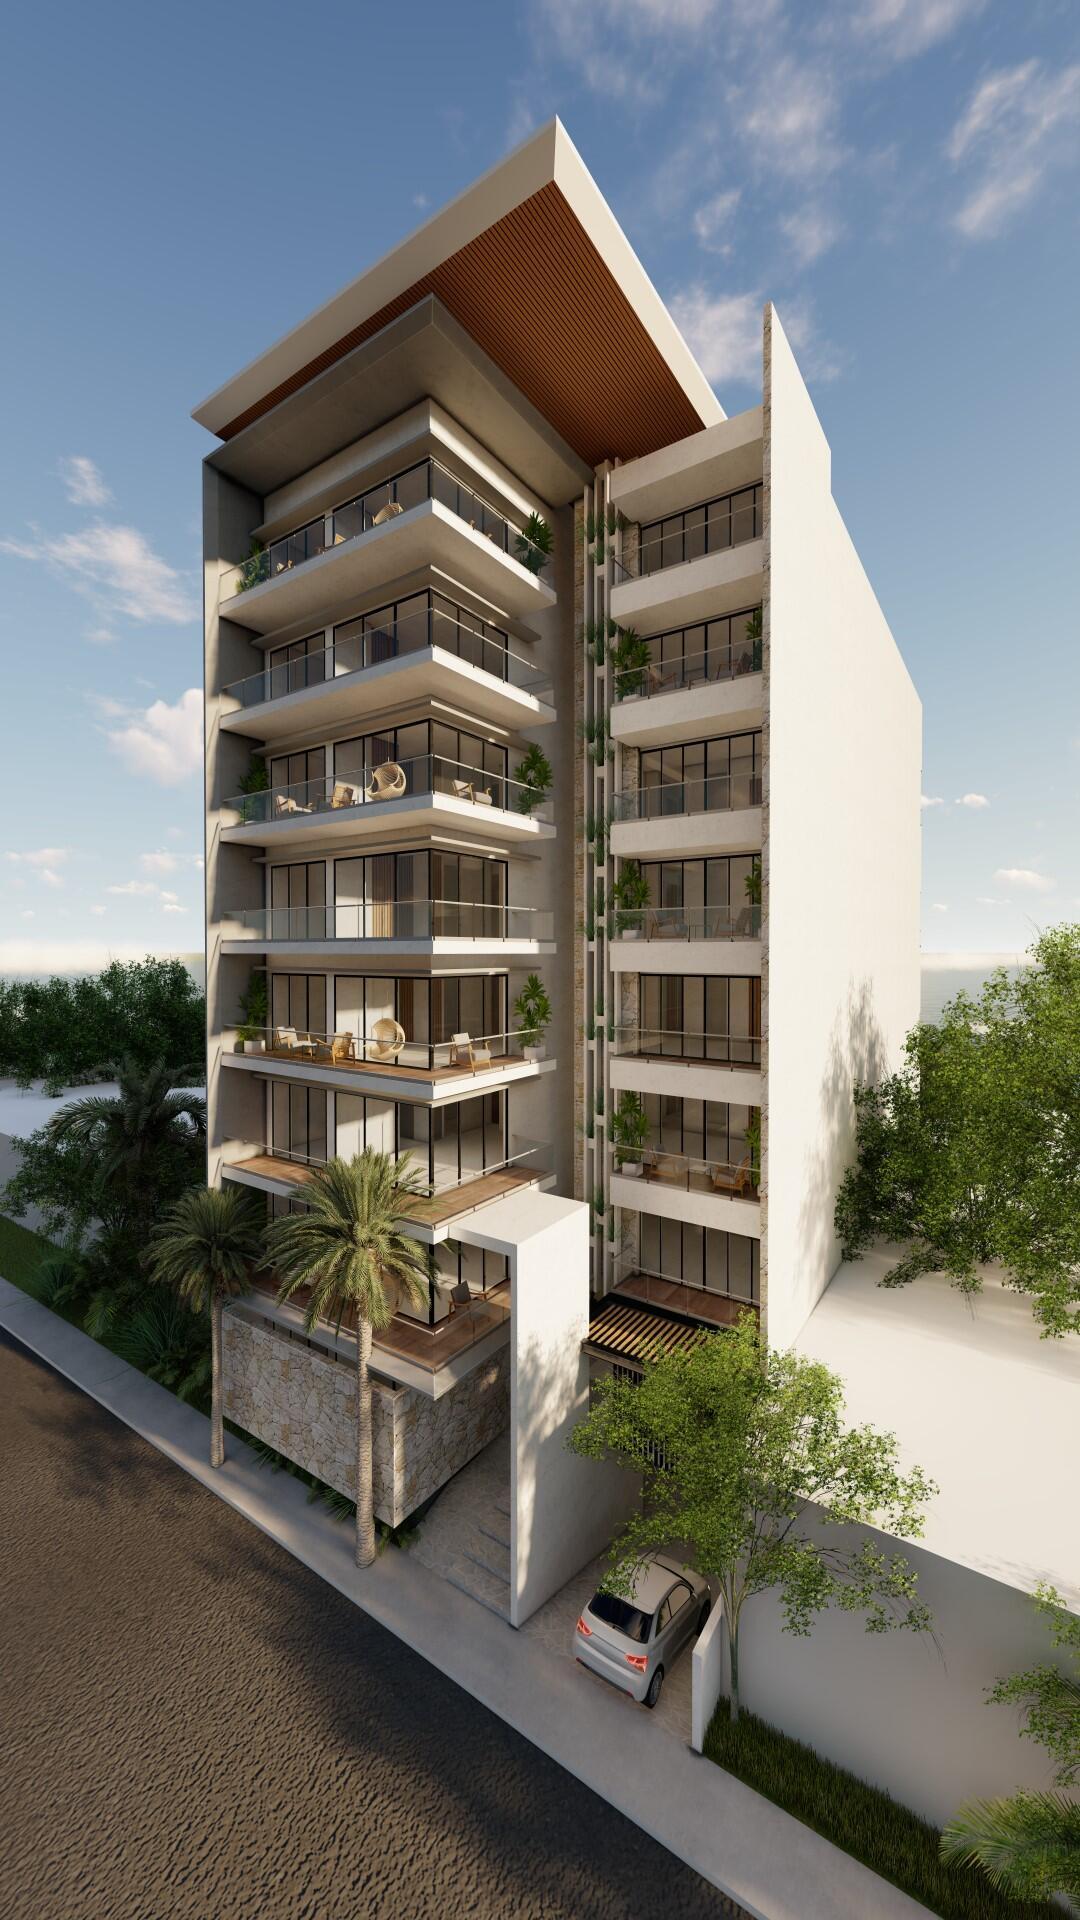 Bucerias, 2 Bedrooms Bedrooms, ,2.5 BathroomsBathrooms,Condo,For Sale,Playa Destiladeras,21523